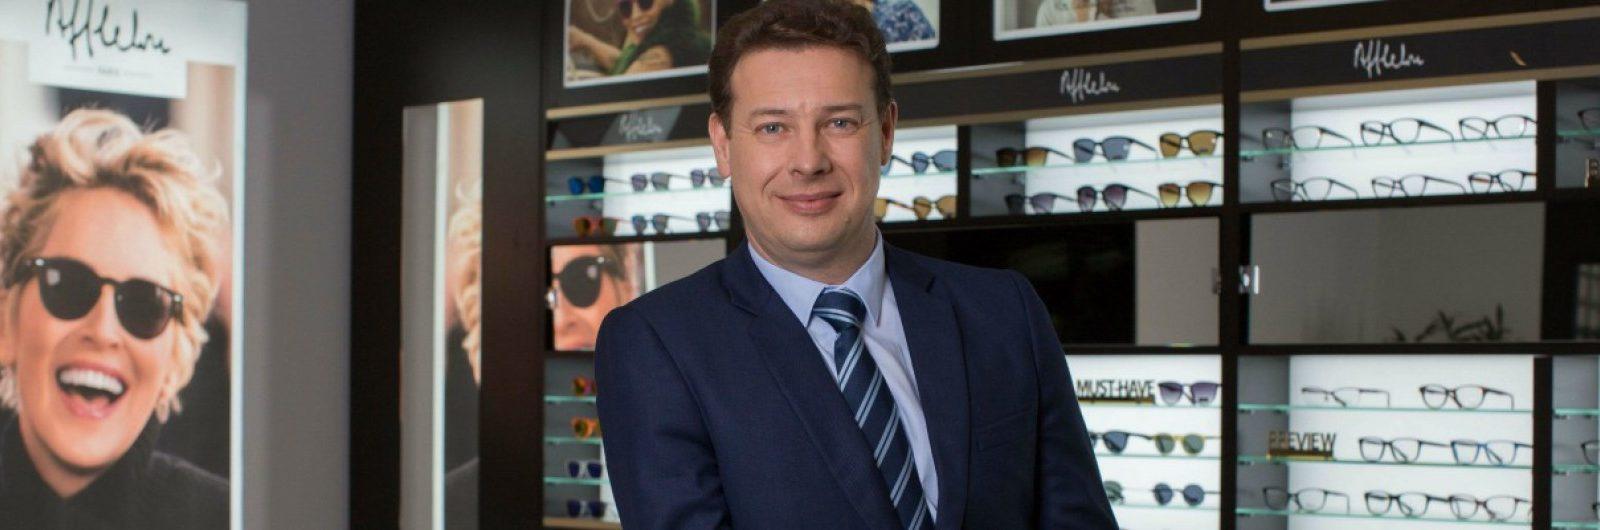 Alain Afflelou quer chegar às 100 lojas com projeto de Intraempreendedorismo